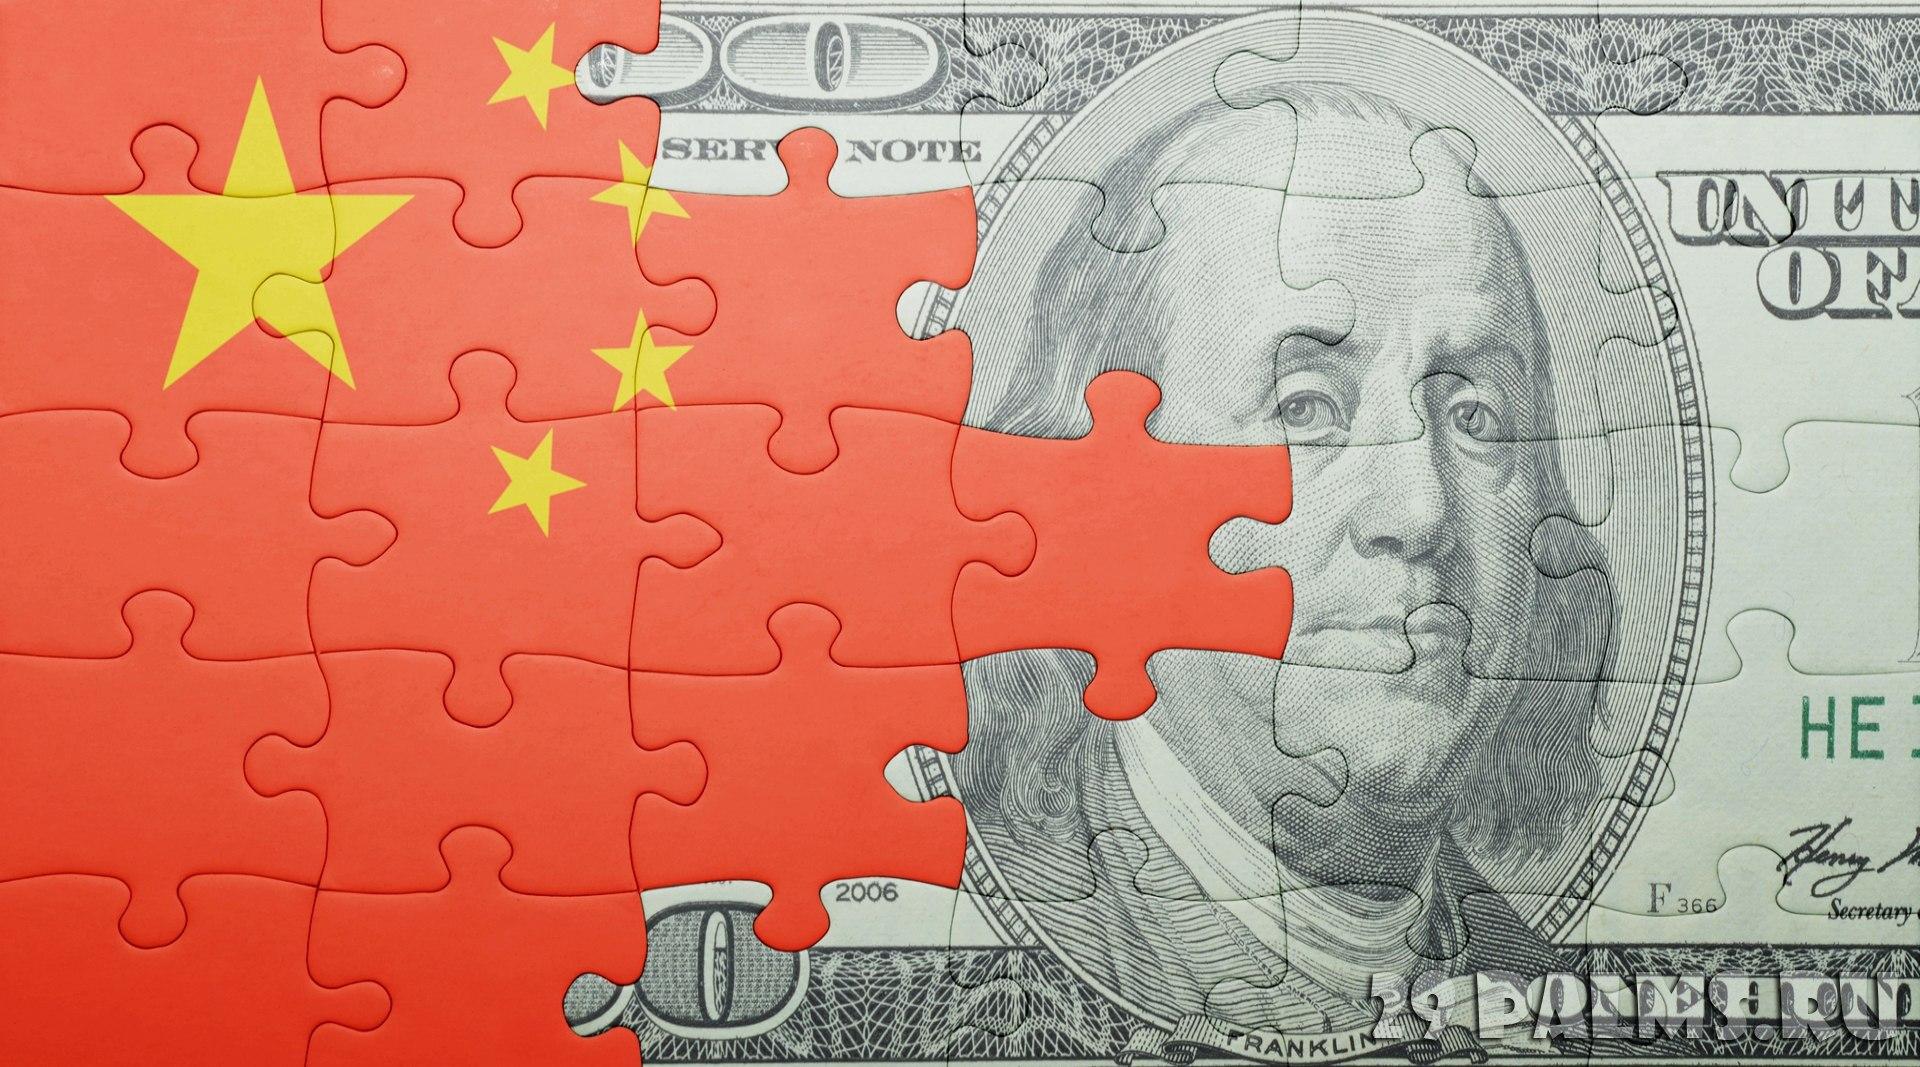 21 июля 2005 года Китай отказался от жёсткой привязки юаня к доллару и поднял курс национальной валюты на 2 %.